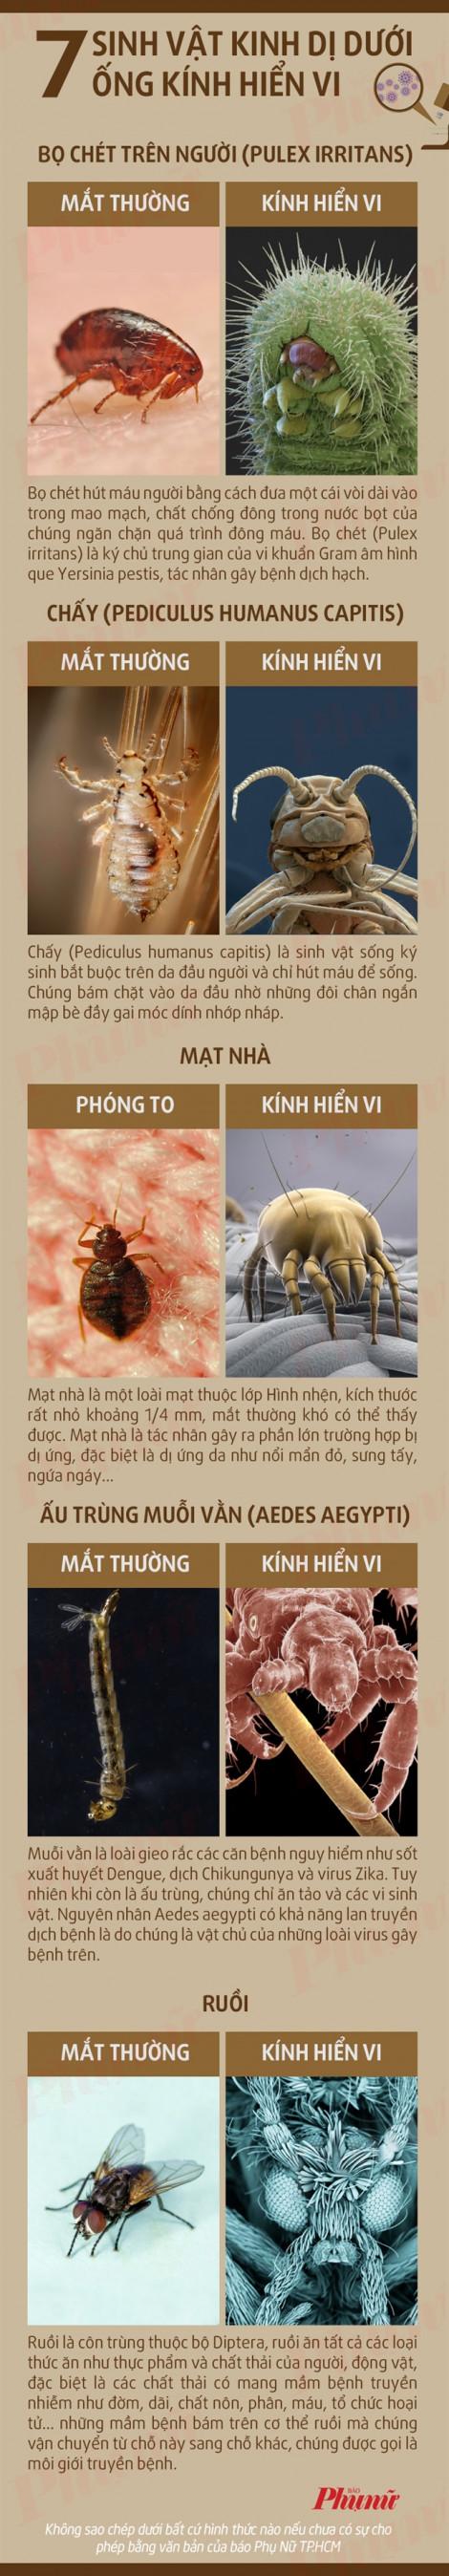 Những sinh vật kinh dị dưới ống kính hiển vi